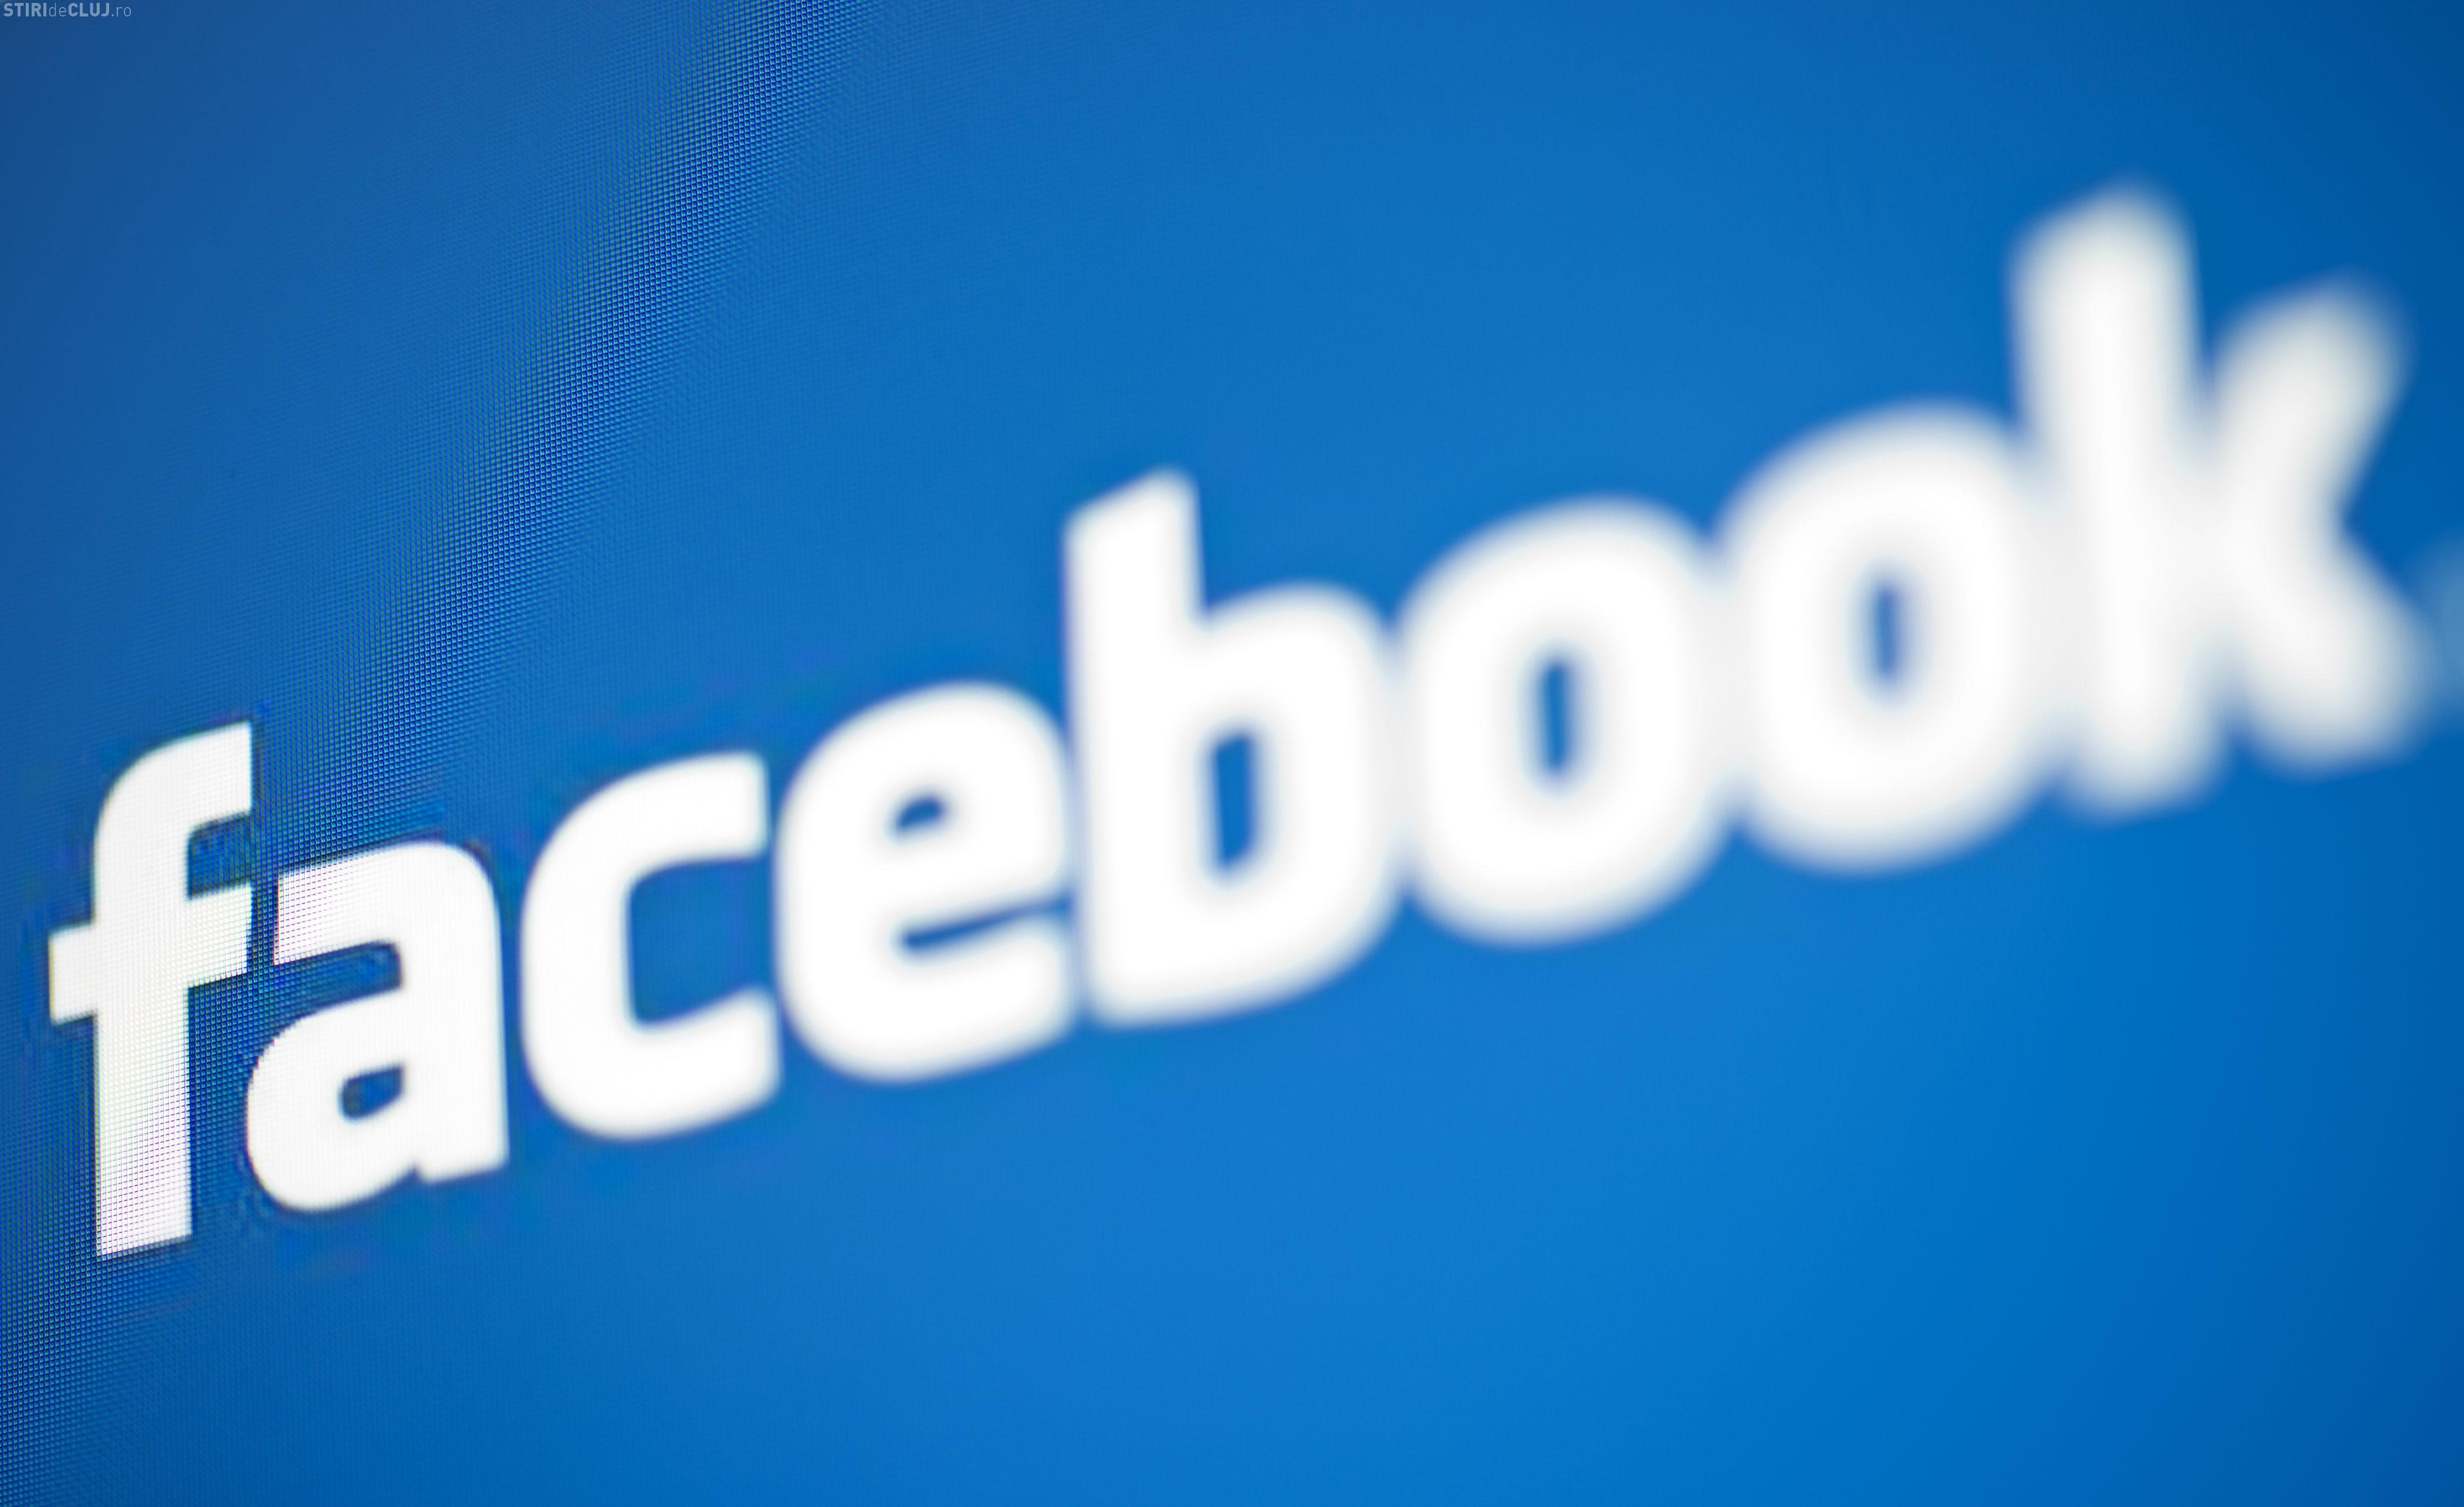 Tranzacție URIAȘĂ făcută de Facebook. A cumpărat WhatsApp cu peste 20 miliarde de dolari